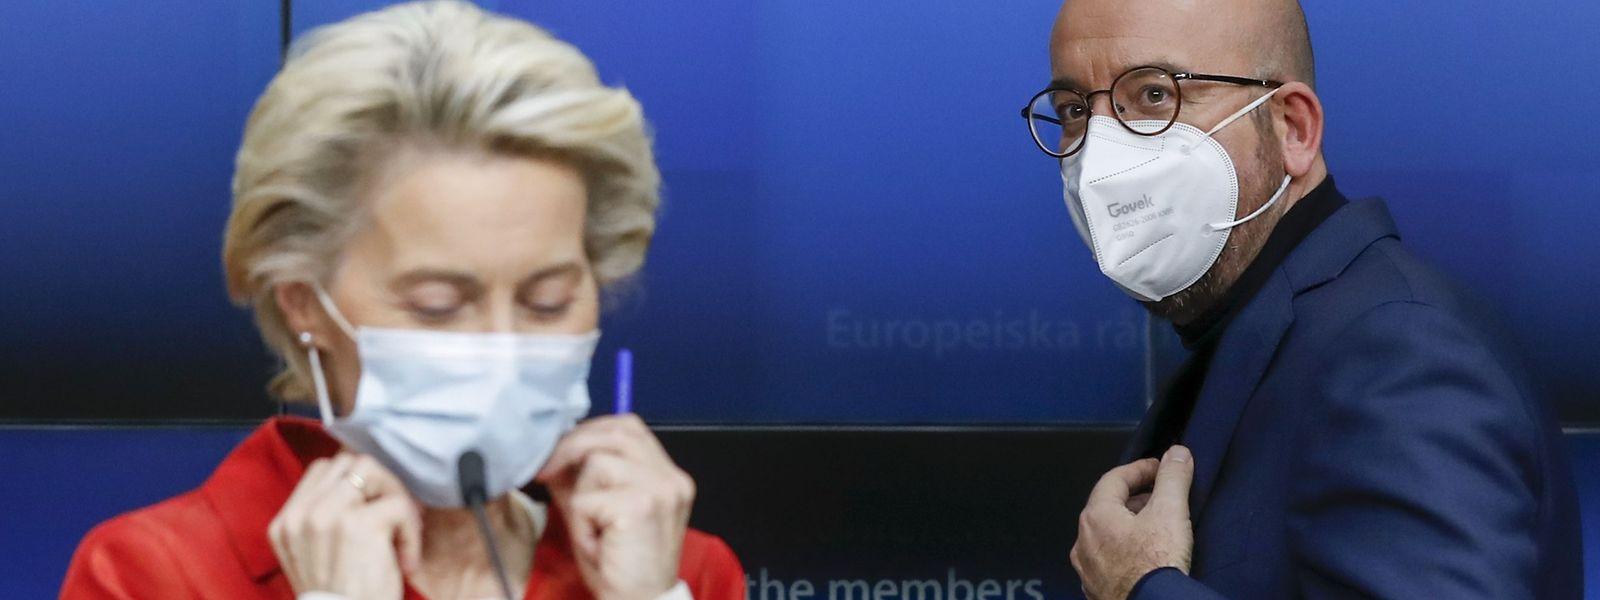 Die zwei Präsidenten der EU verkörpern zwei grundverschiedene Visionen der Union.